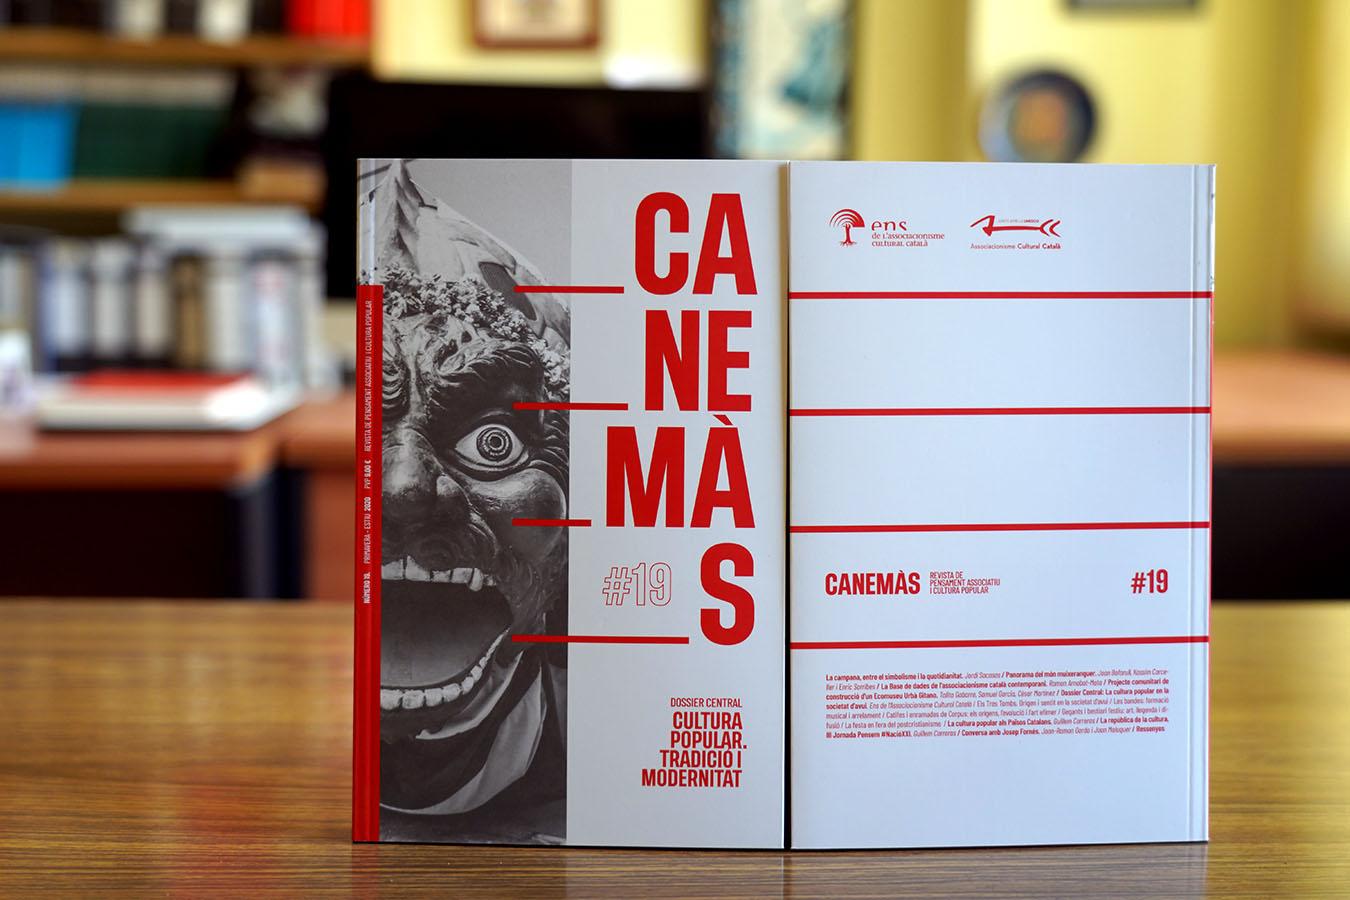 Surt el nou número de la revista 'Canemàs', amb format i disseny renovats